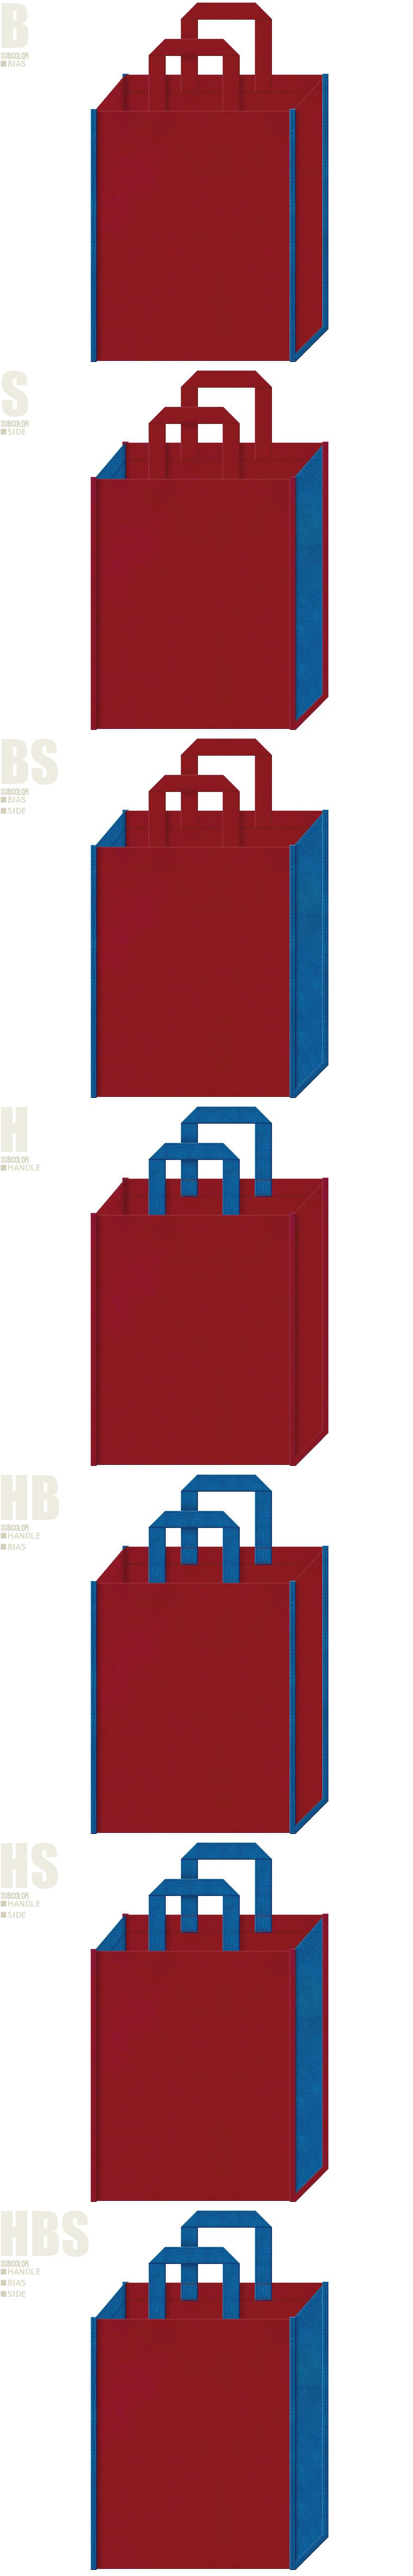 エンジ色と青色、7パターンの不織布トートバッグ配色デザイン例。